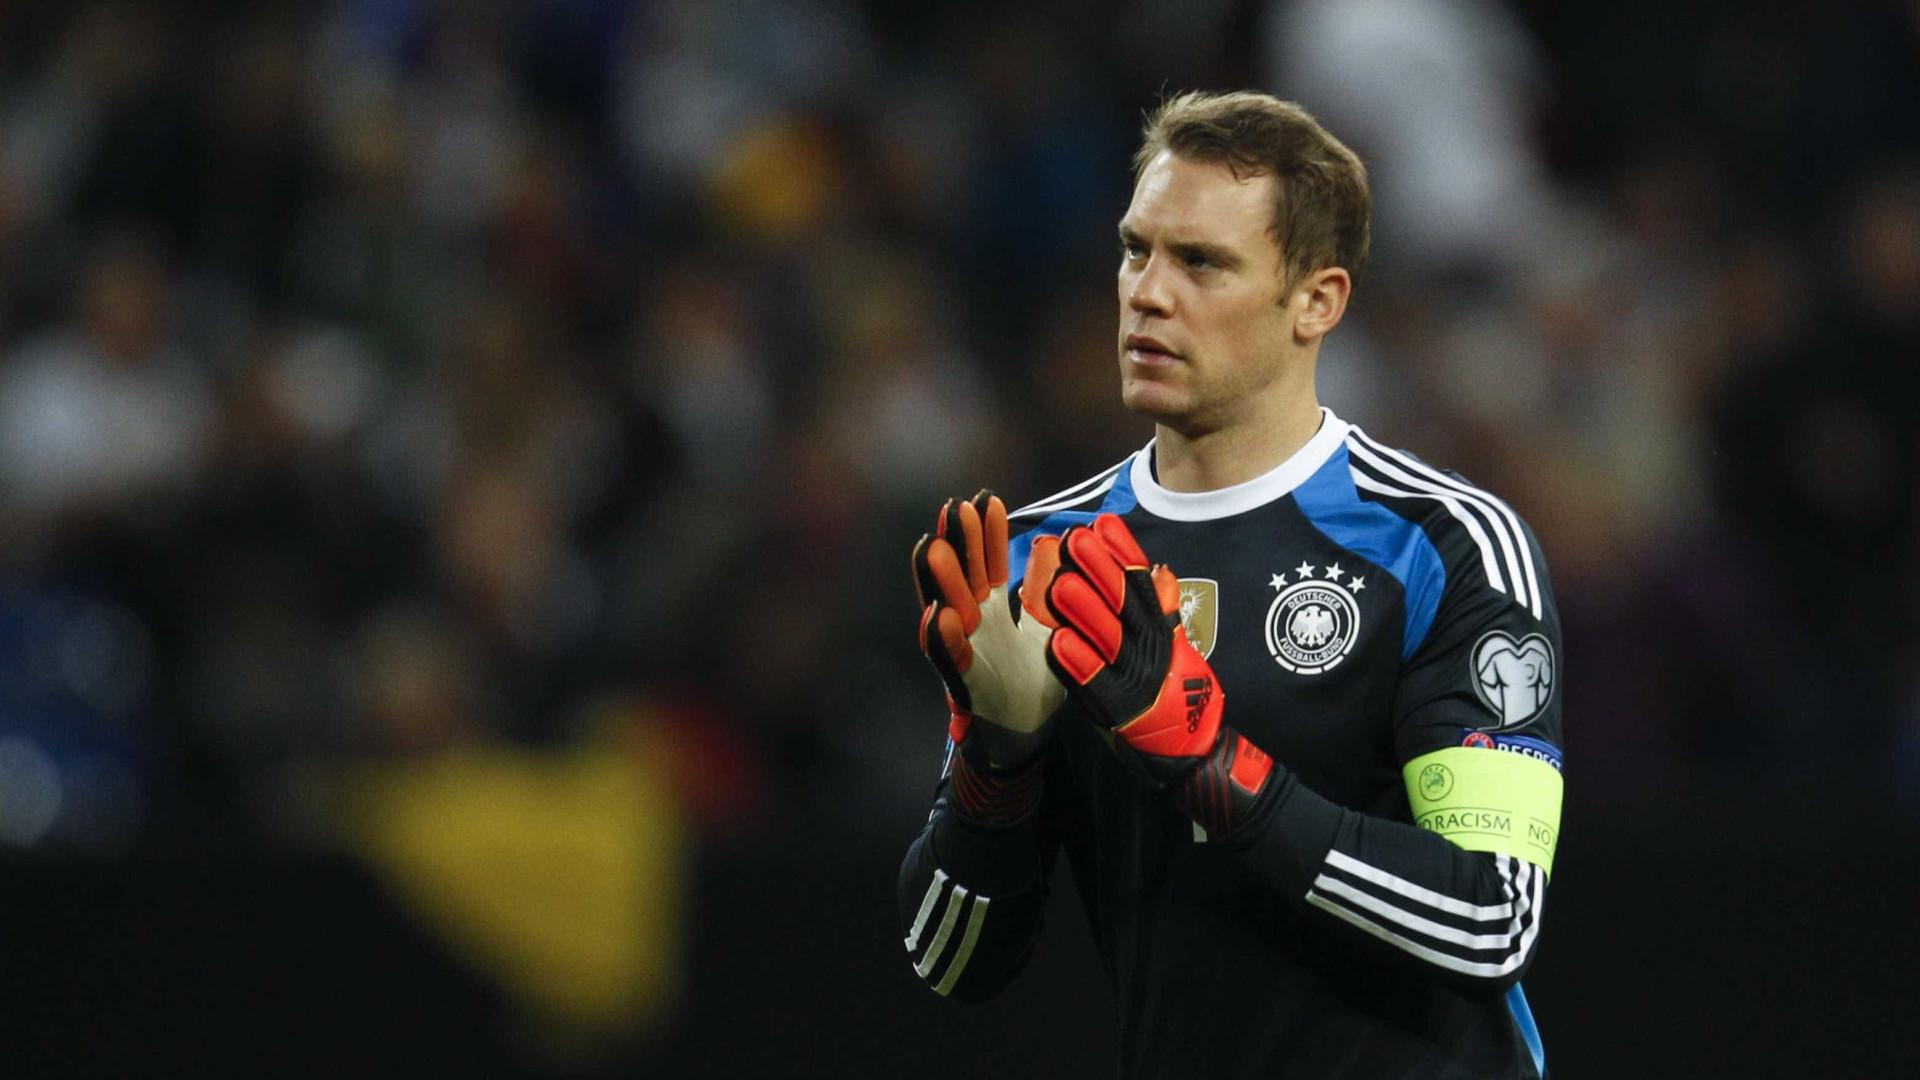 Neuer dispensado da seleção alemã devido a lesão